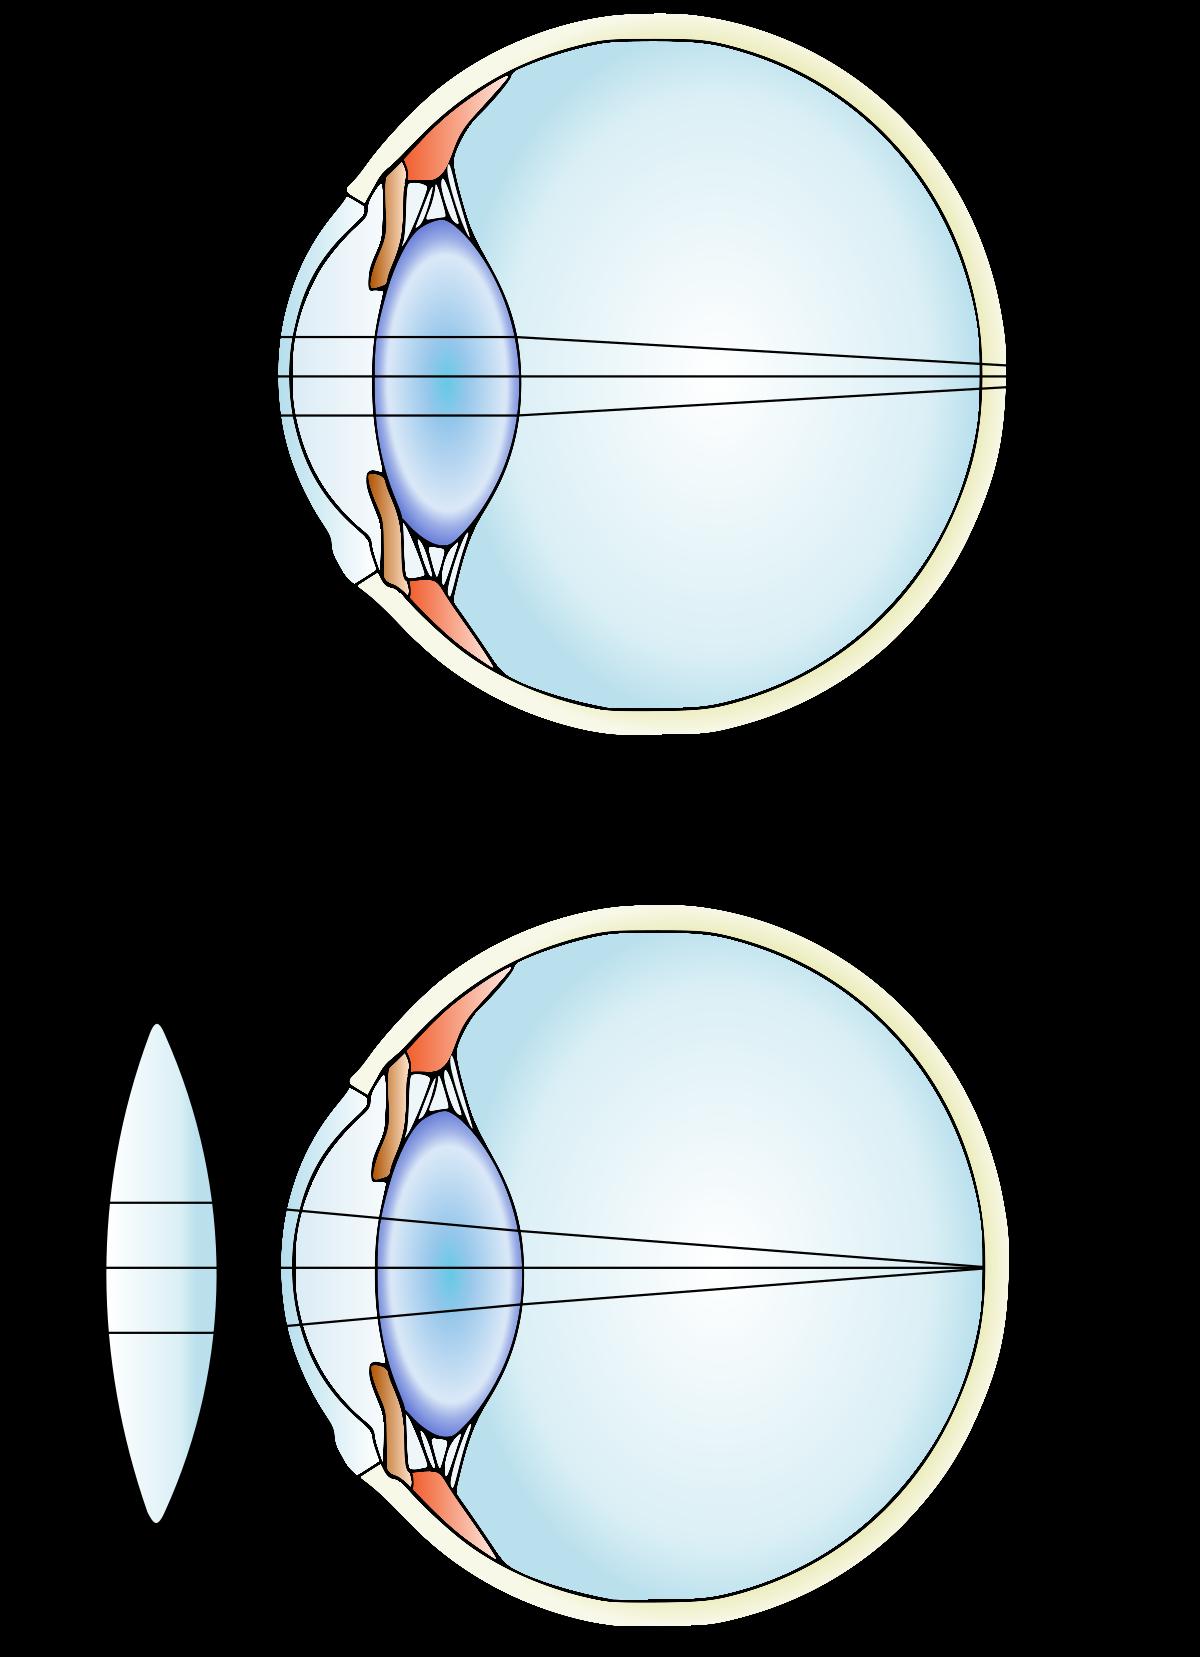 4 hyperopia vizuális alkalmasság b3